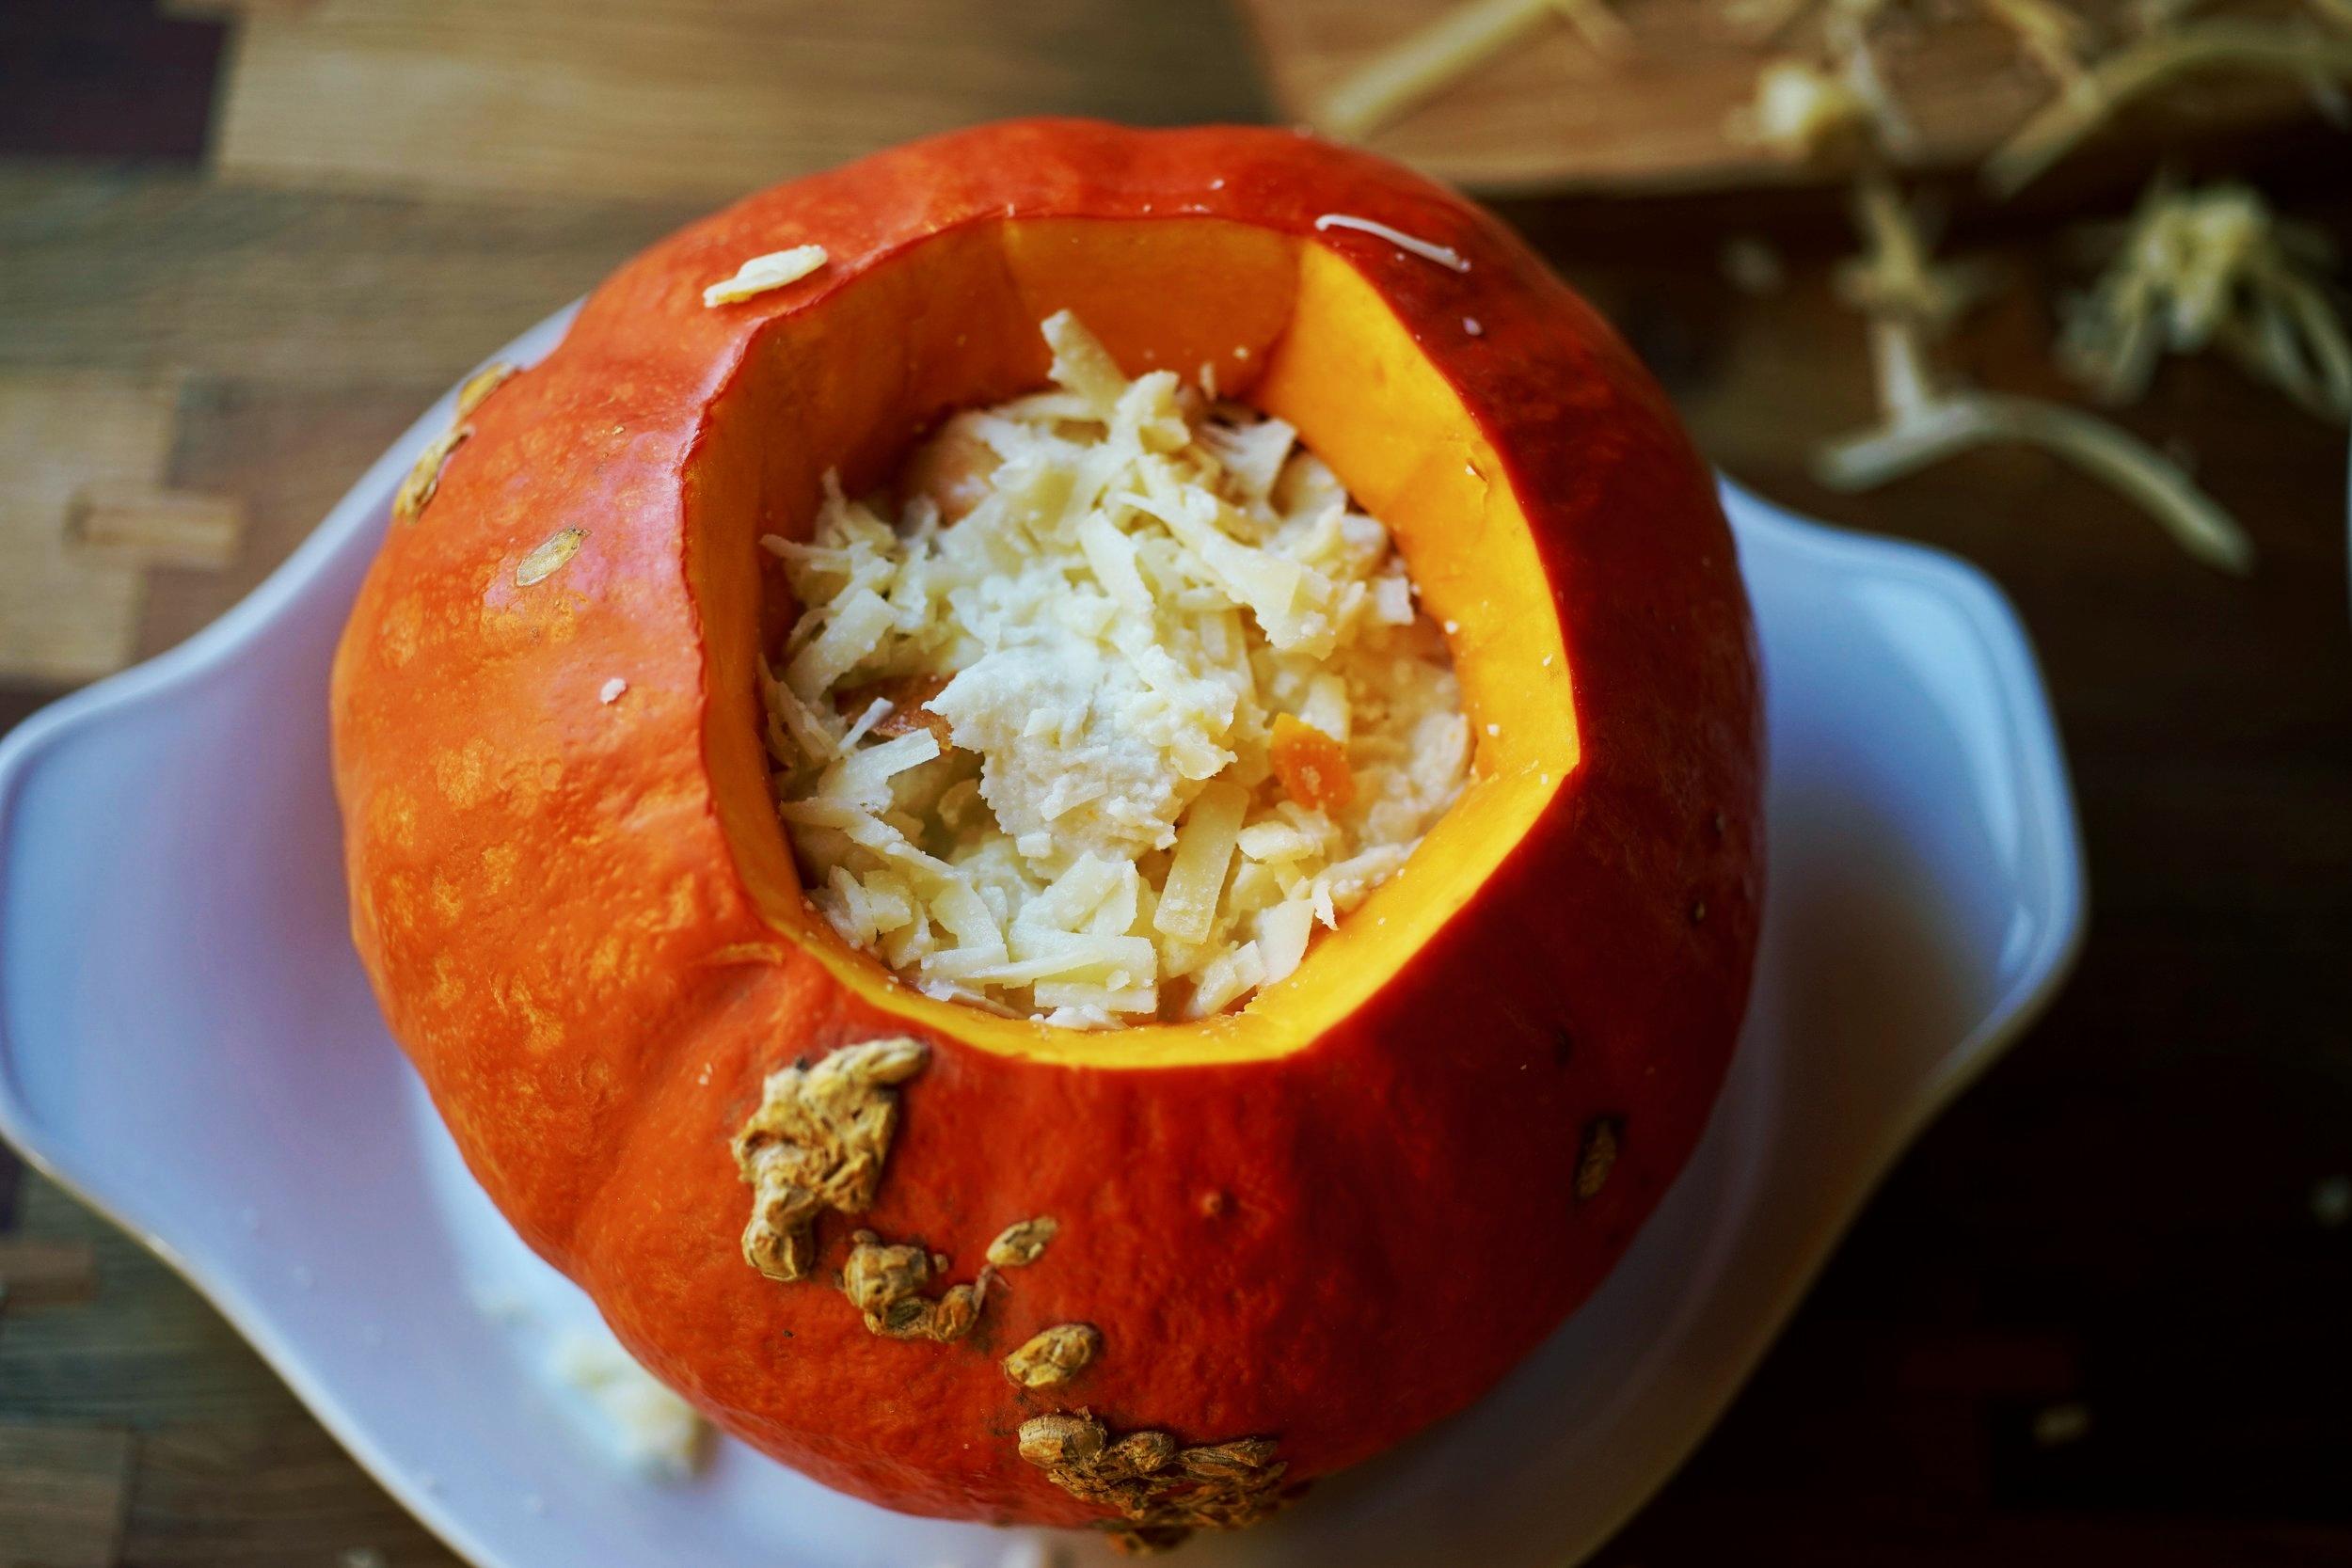 Another fall favourite - Pumpkin Fondue